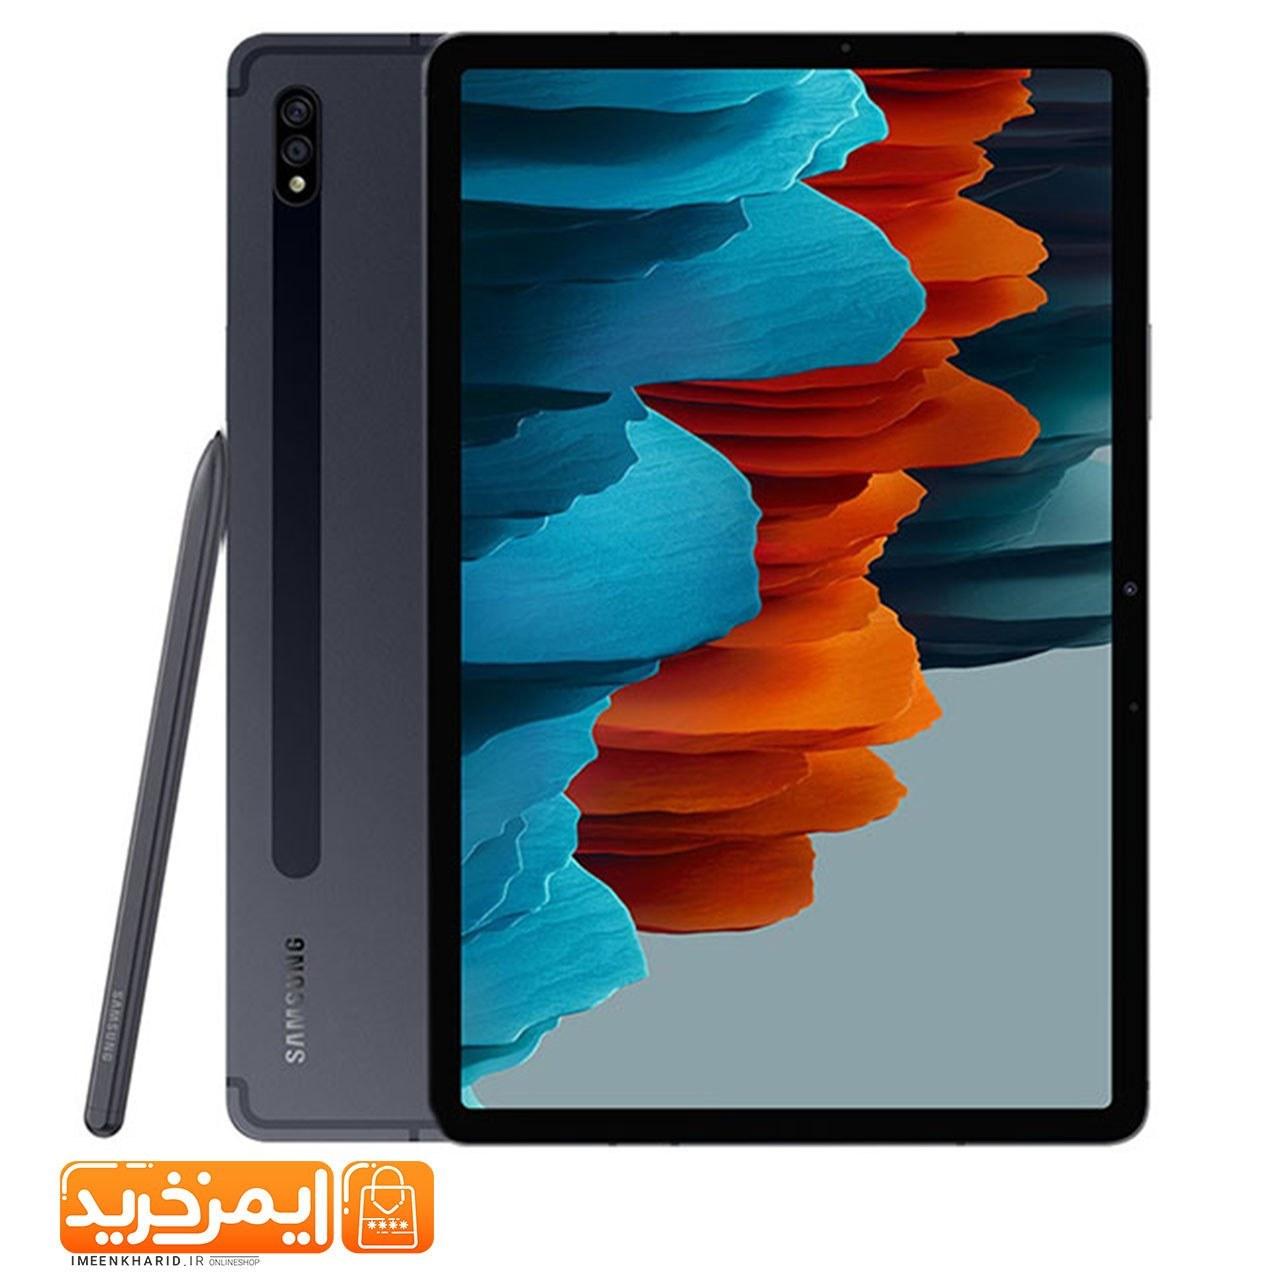 تصویر تبلت سامسونگ مدل Galaxy Tab S7plus T975 ظرفیت 128 گیگابایت Galaxy Tab S7plus T975